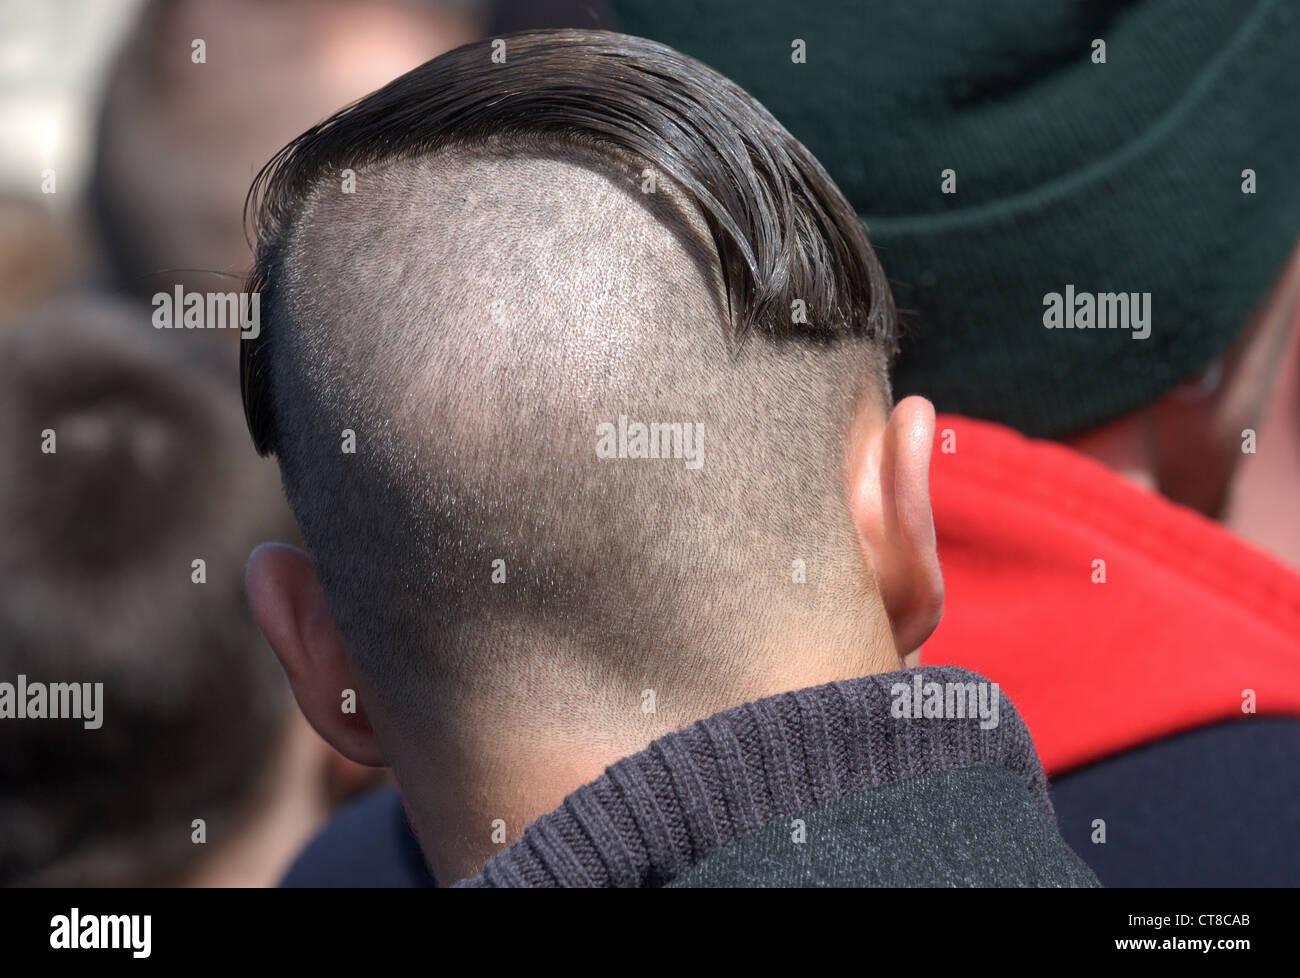 ss haircut frisur wehrmacht - frisur